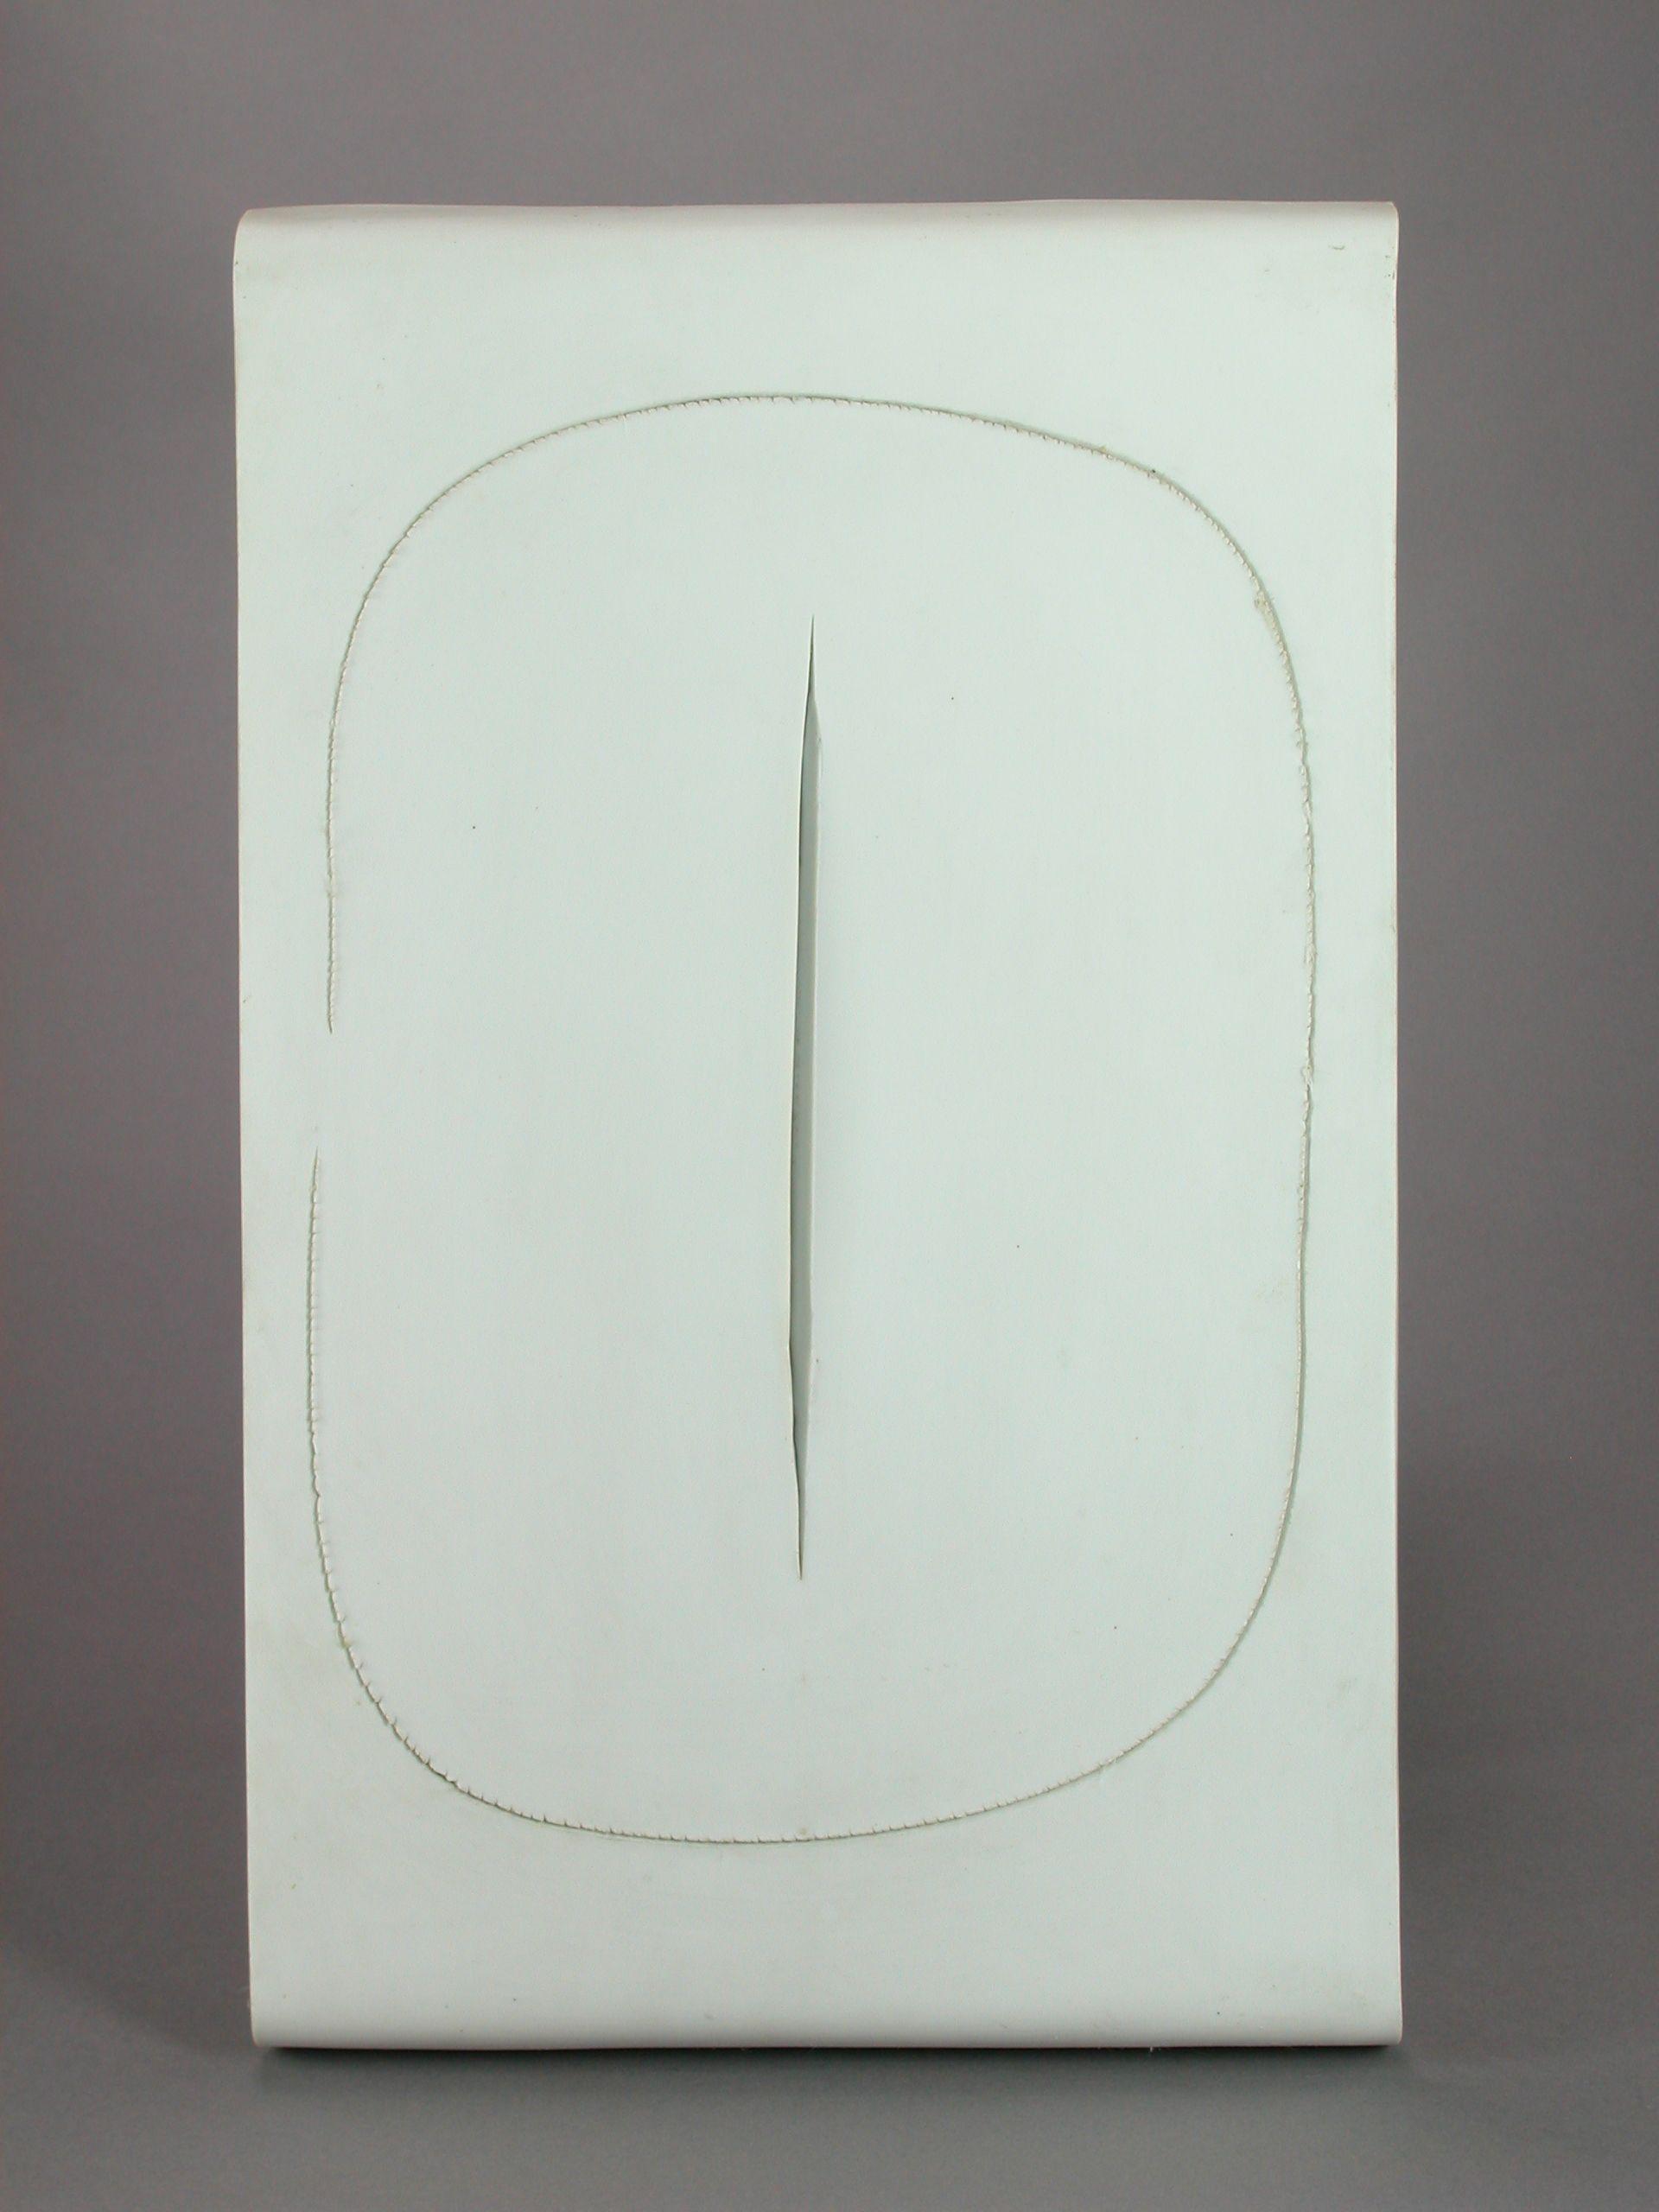 Lucio Fontana, Concetto Spaziale,1957